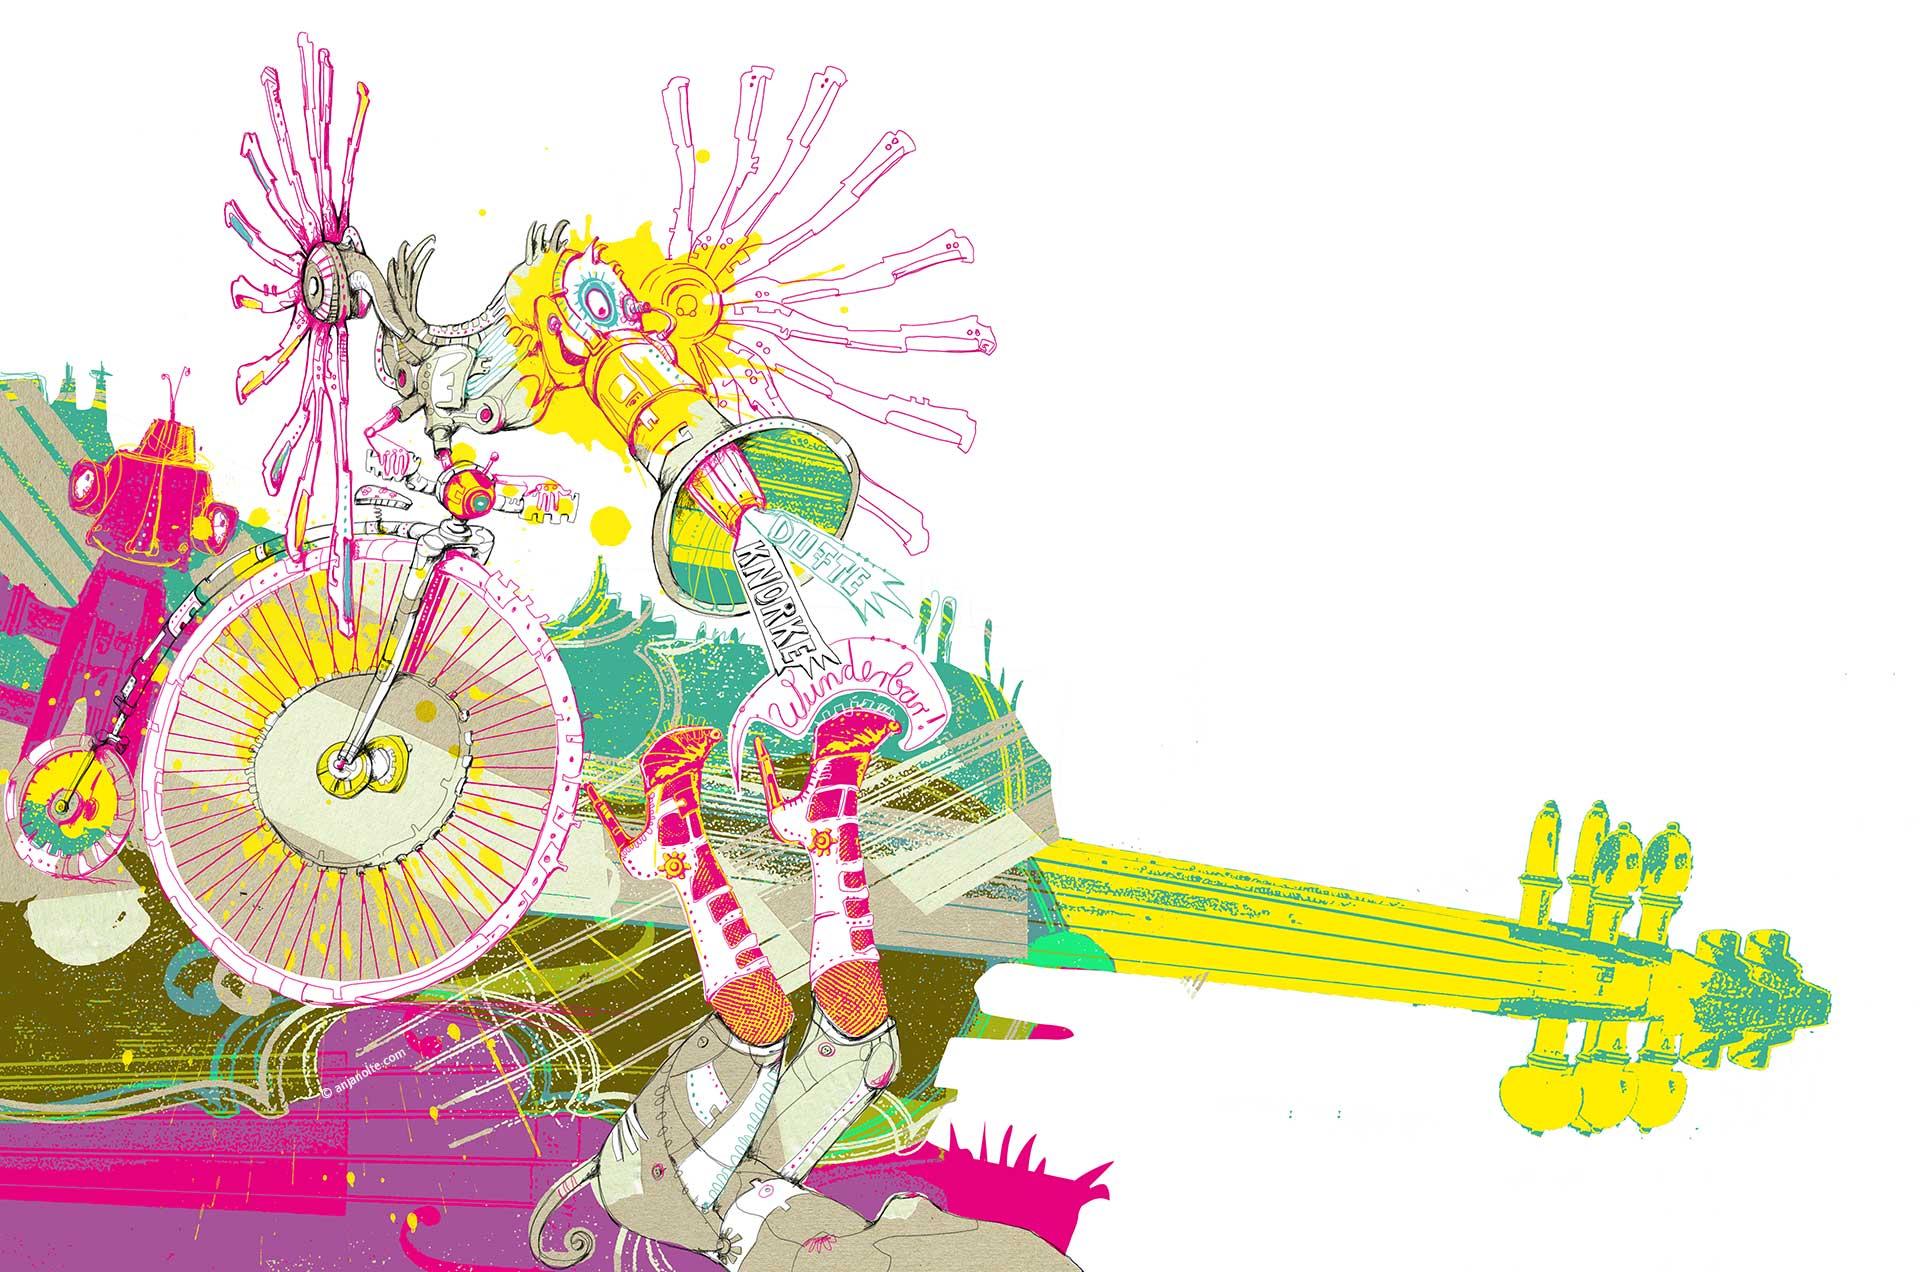 CD Premier Swingtett Waltz-a-tza © Artwork Anja Nolte www.anjanolte.com